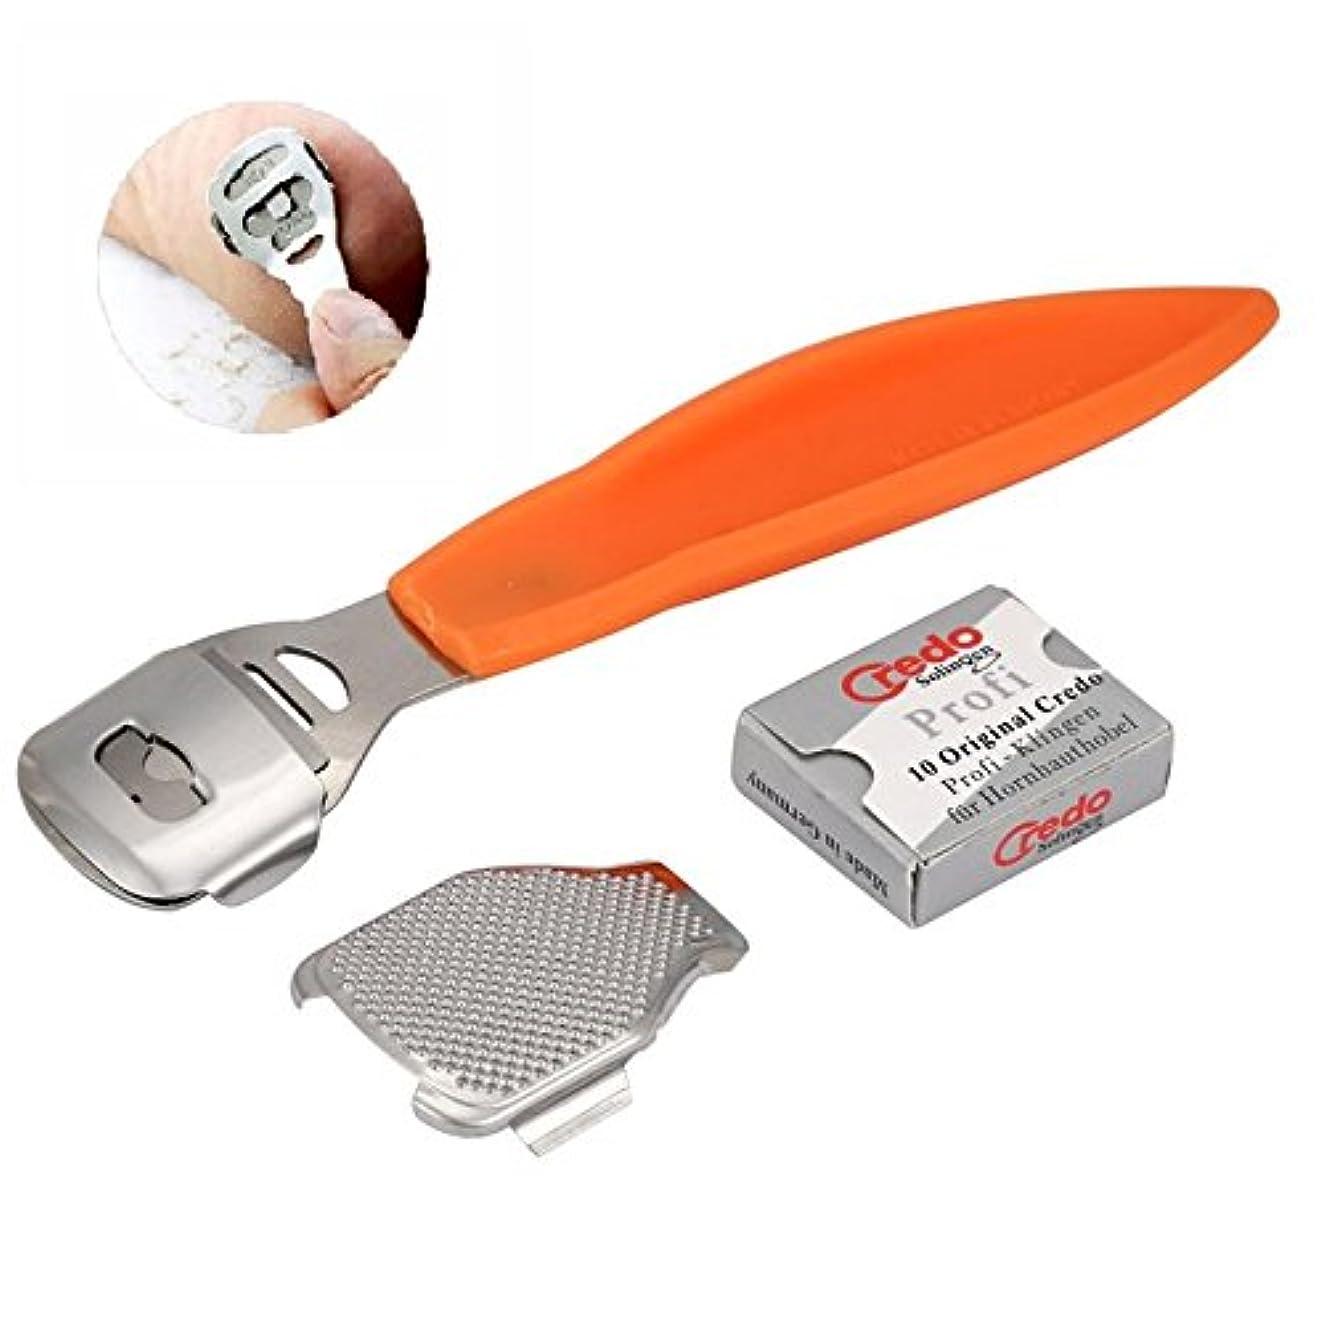 心理的子犬行商人Foot File Set Callus Cuticle Remover Hard Dead Skin Shaver Scraper Foot File Blades Pedicure Tools Set Feet Care + 10 x Blades